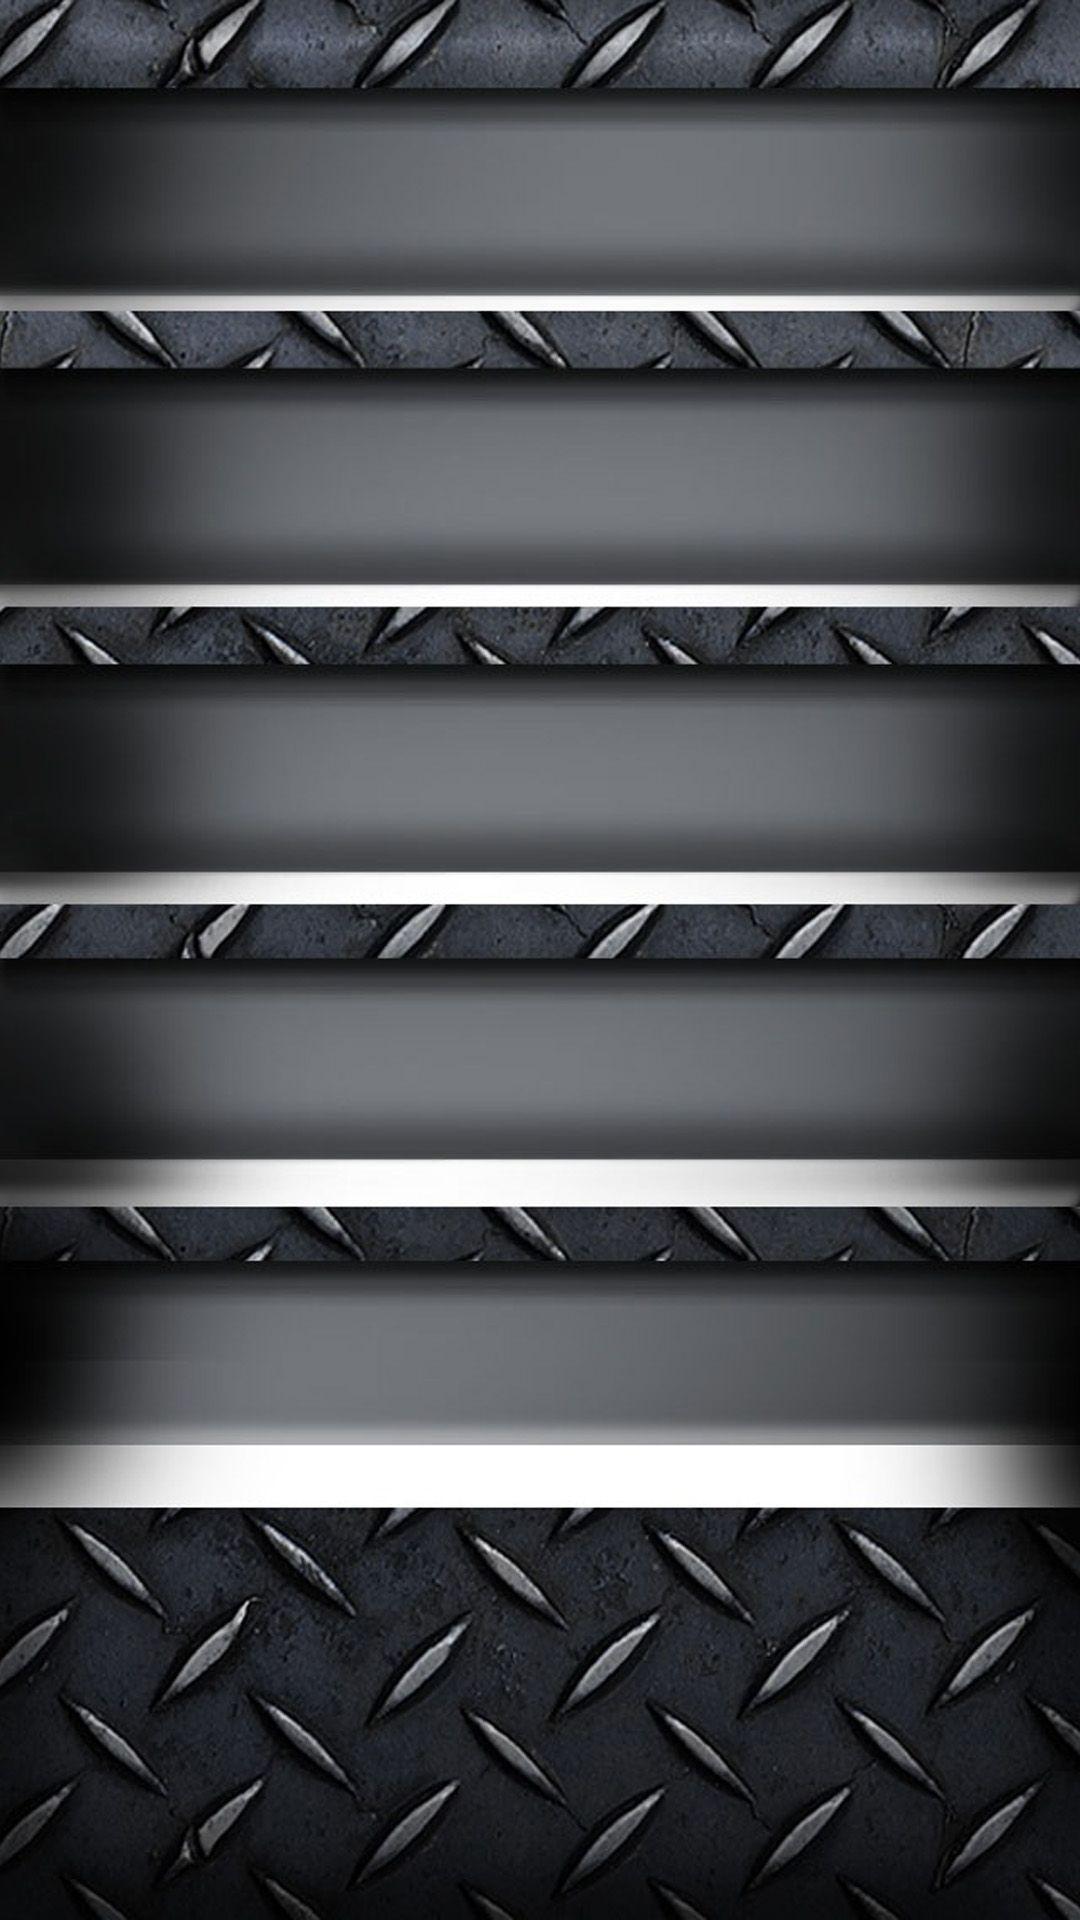 750 X 1334 Shelf Wallpapers Top Free 750 X 1334 Shelf